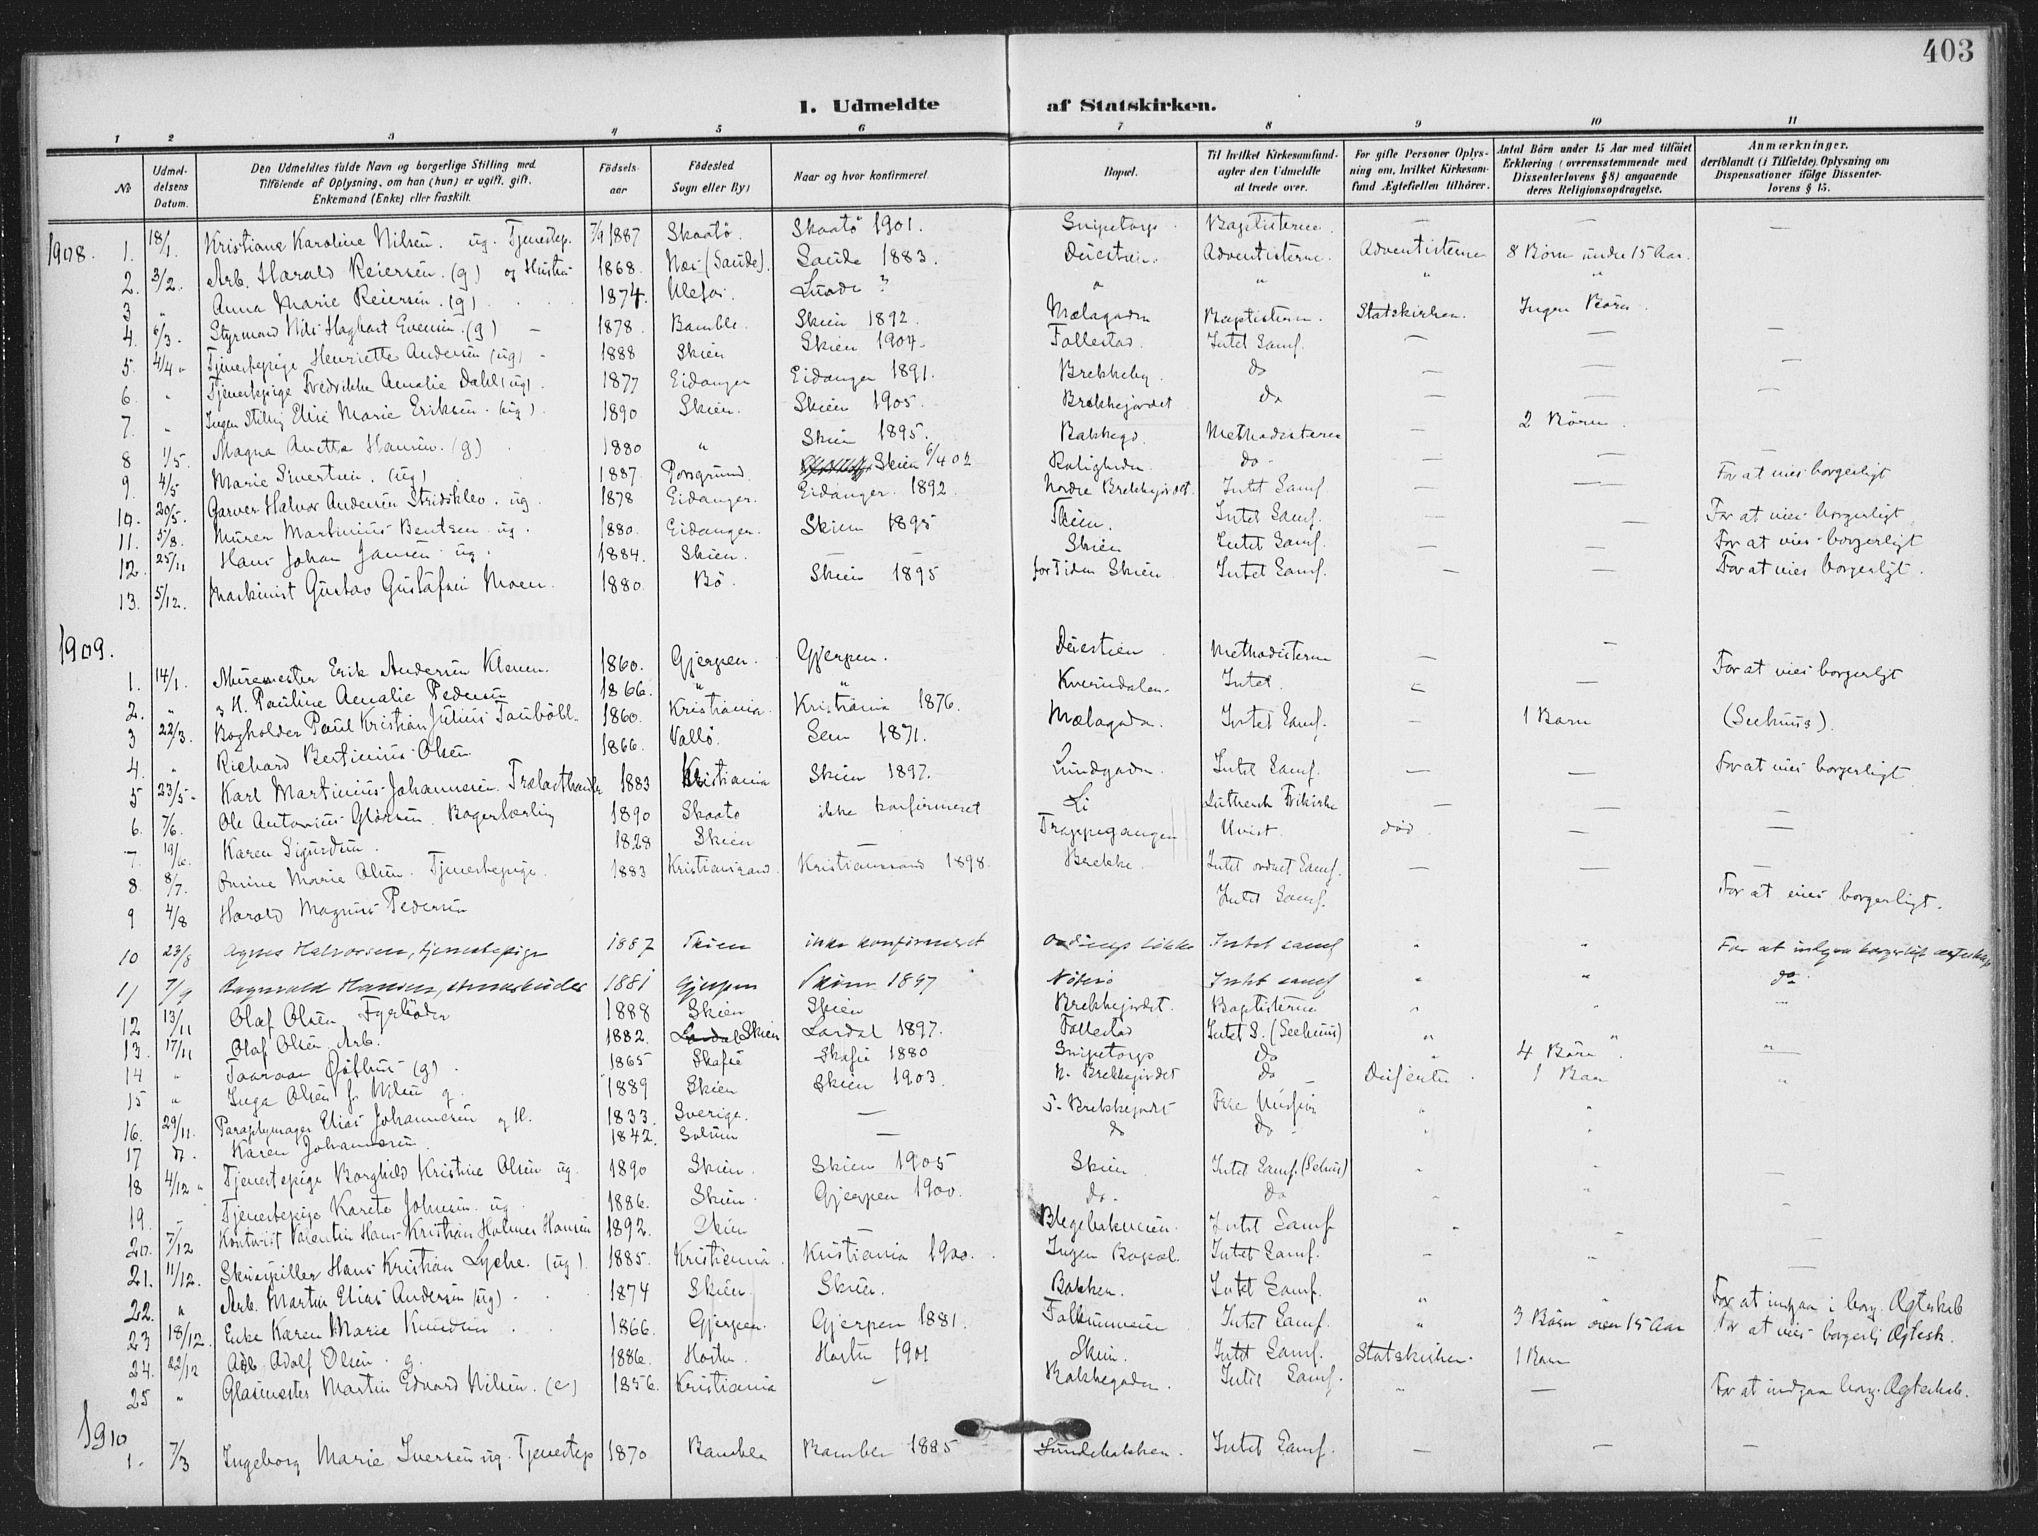 SAKO, Skien kirkebøker, F/Fa/L0012: Ministerialbok nr. 12, 1908-1914, s. 403